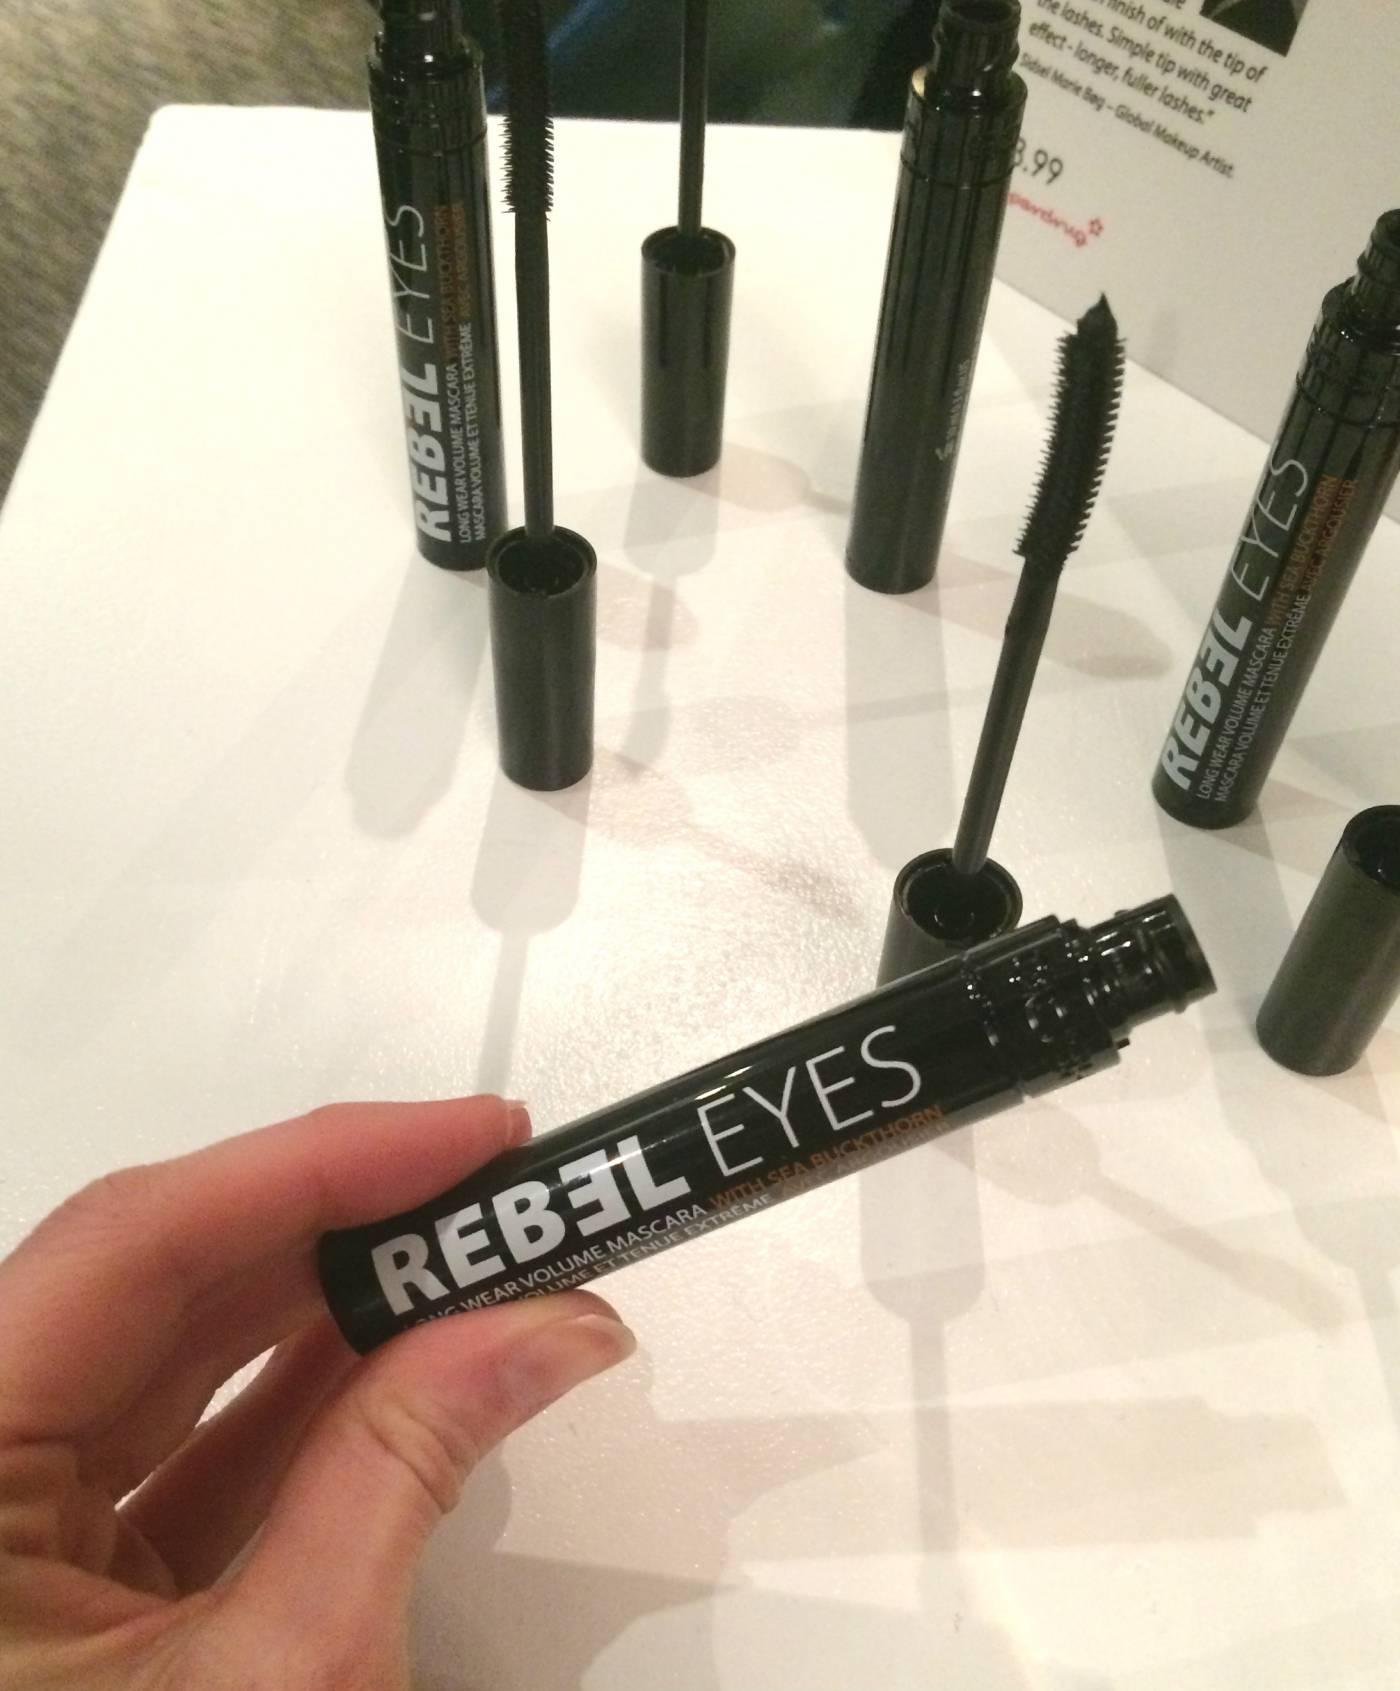 GOSH Rebel Eyes